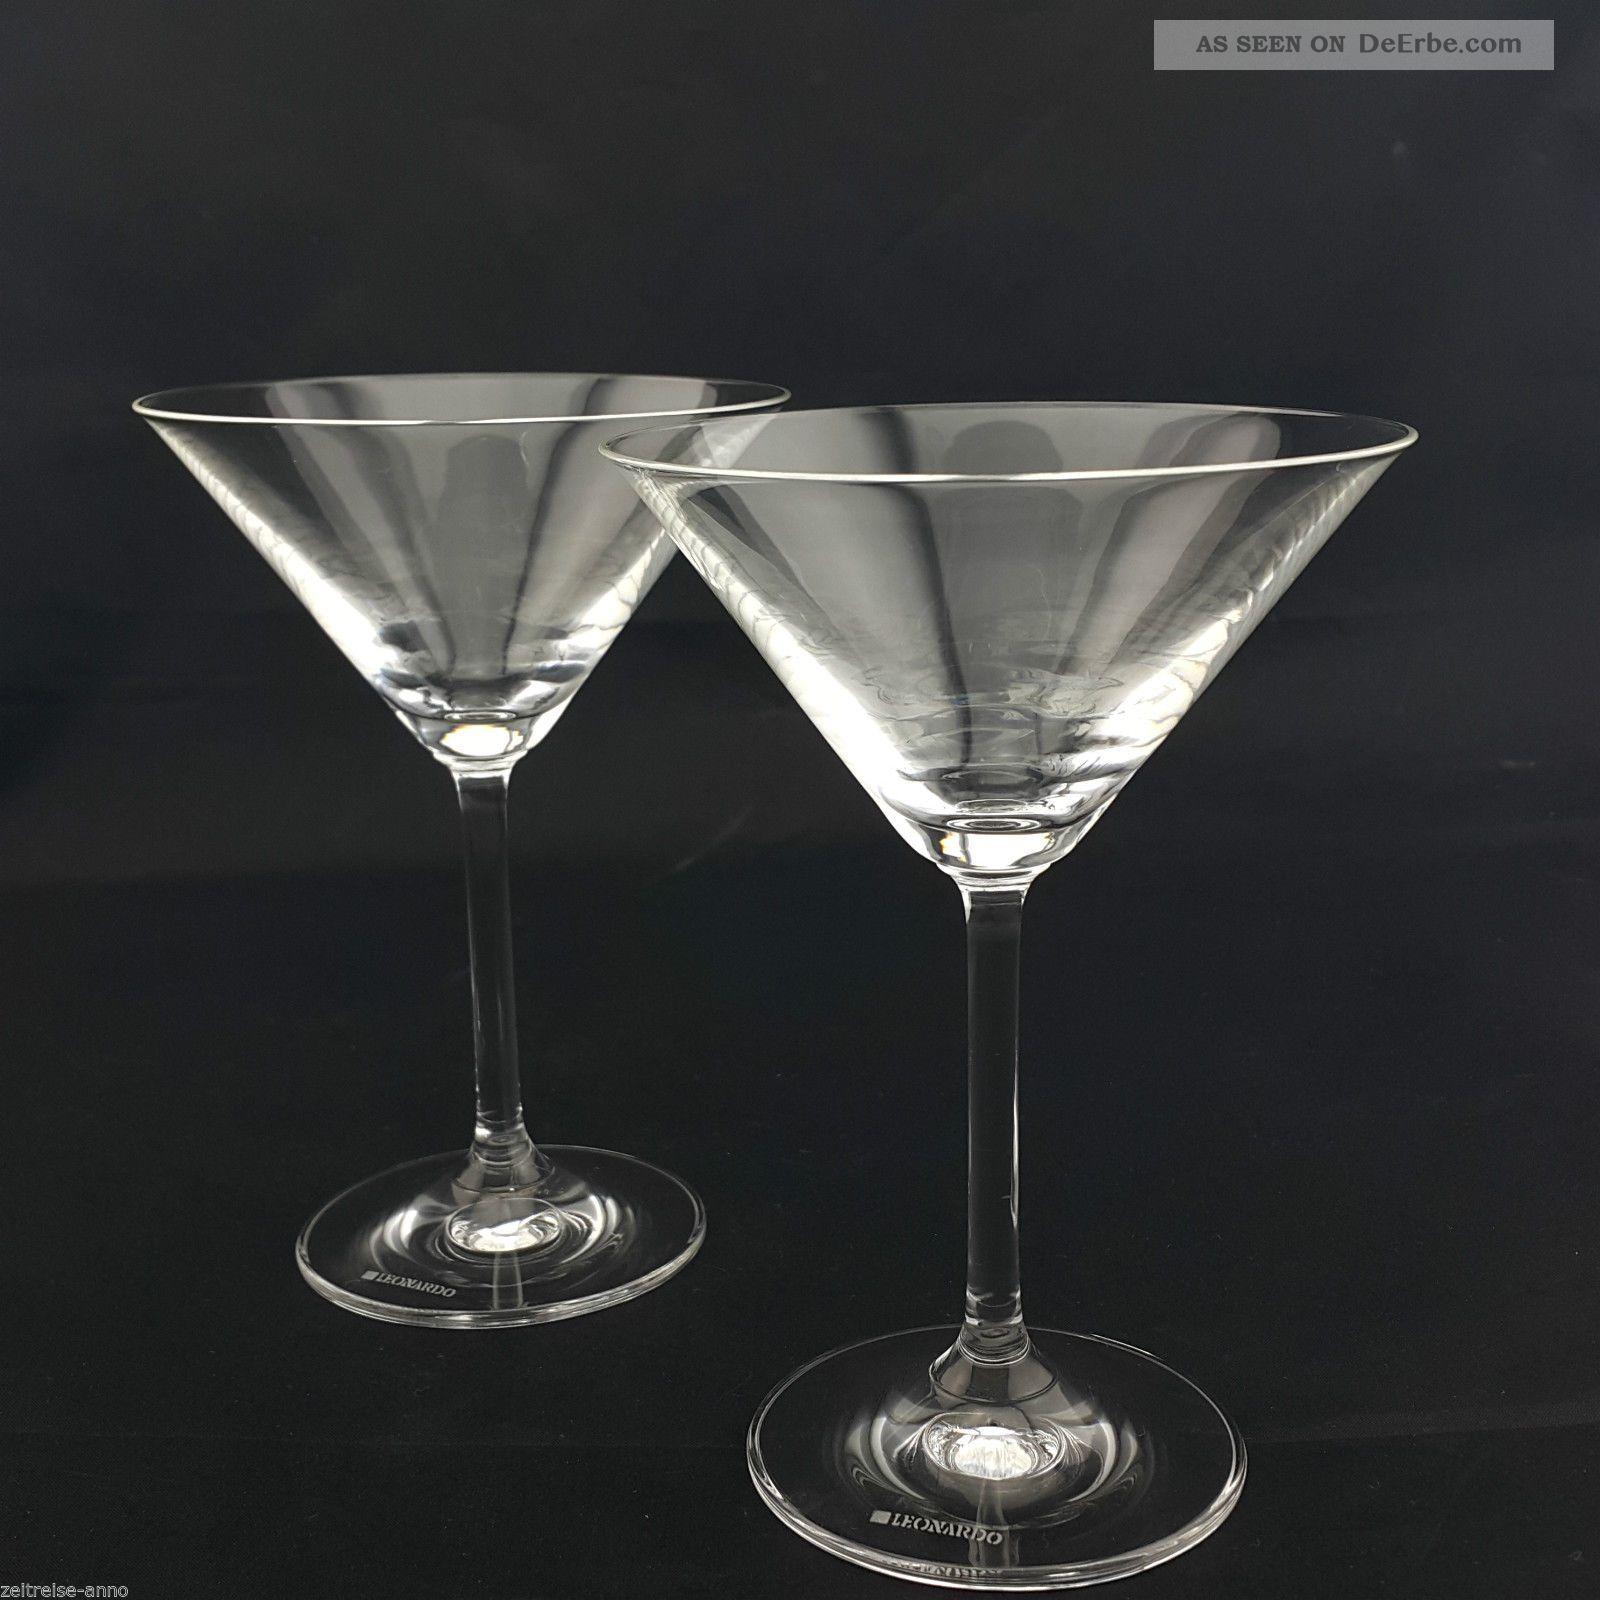 Paar Leonardo Cocktailgläser Aperitifgläser Kristall Neuwertig Kristall Bild